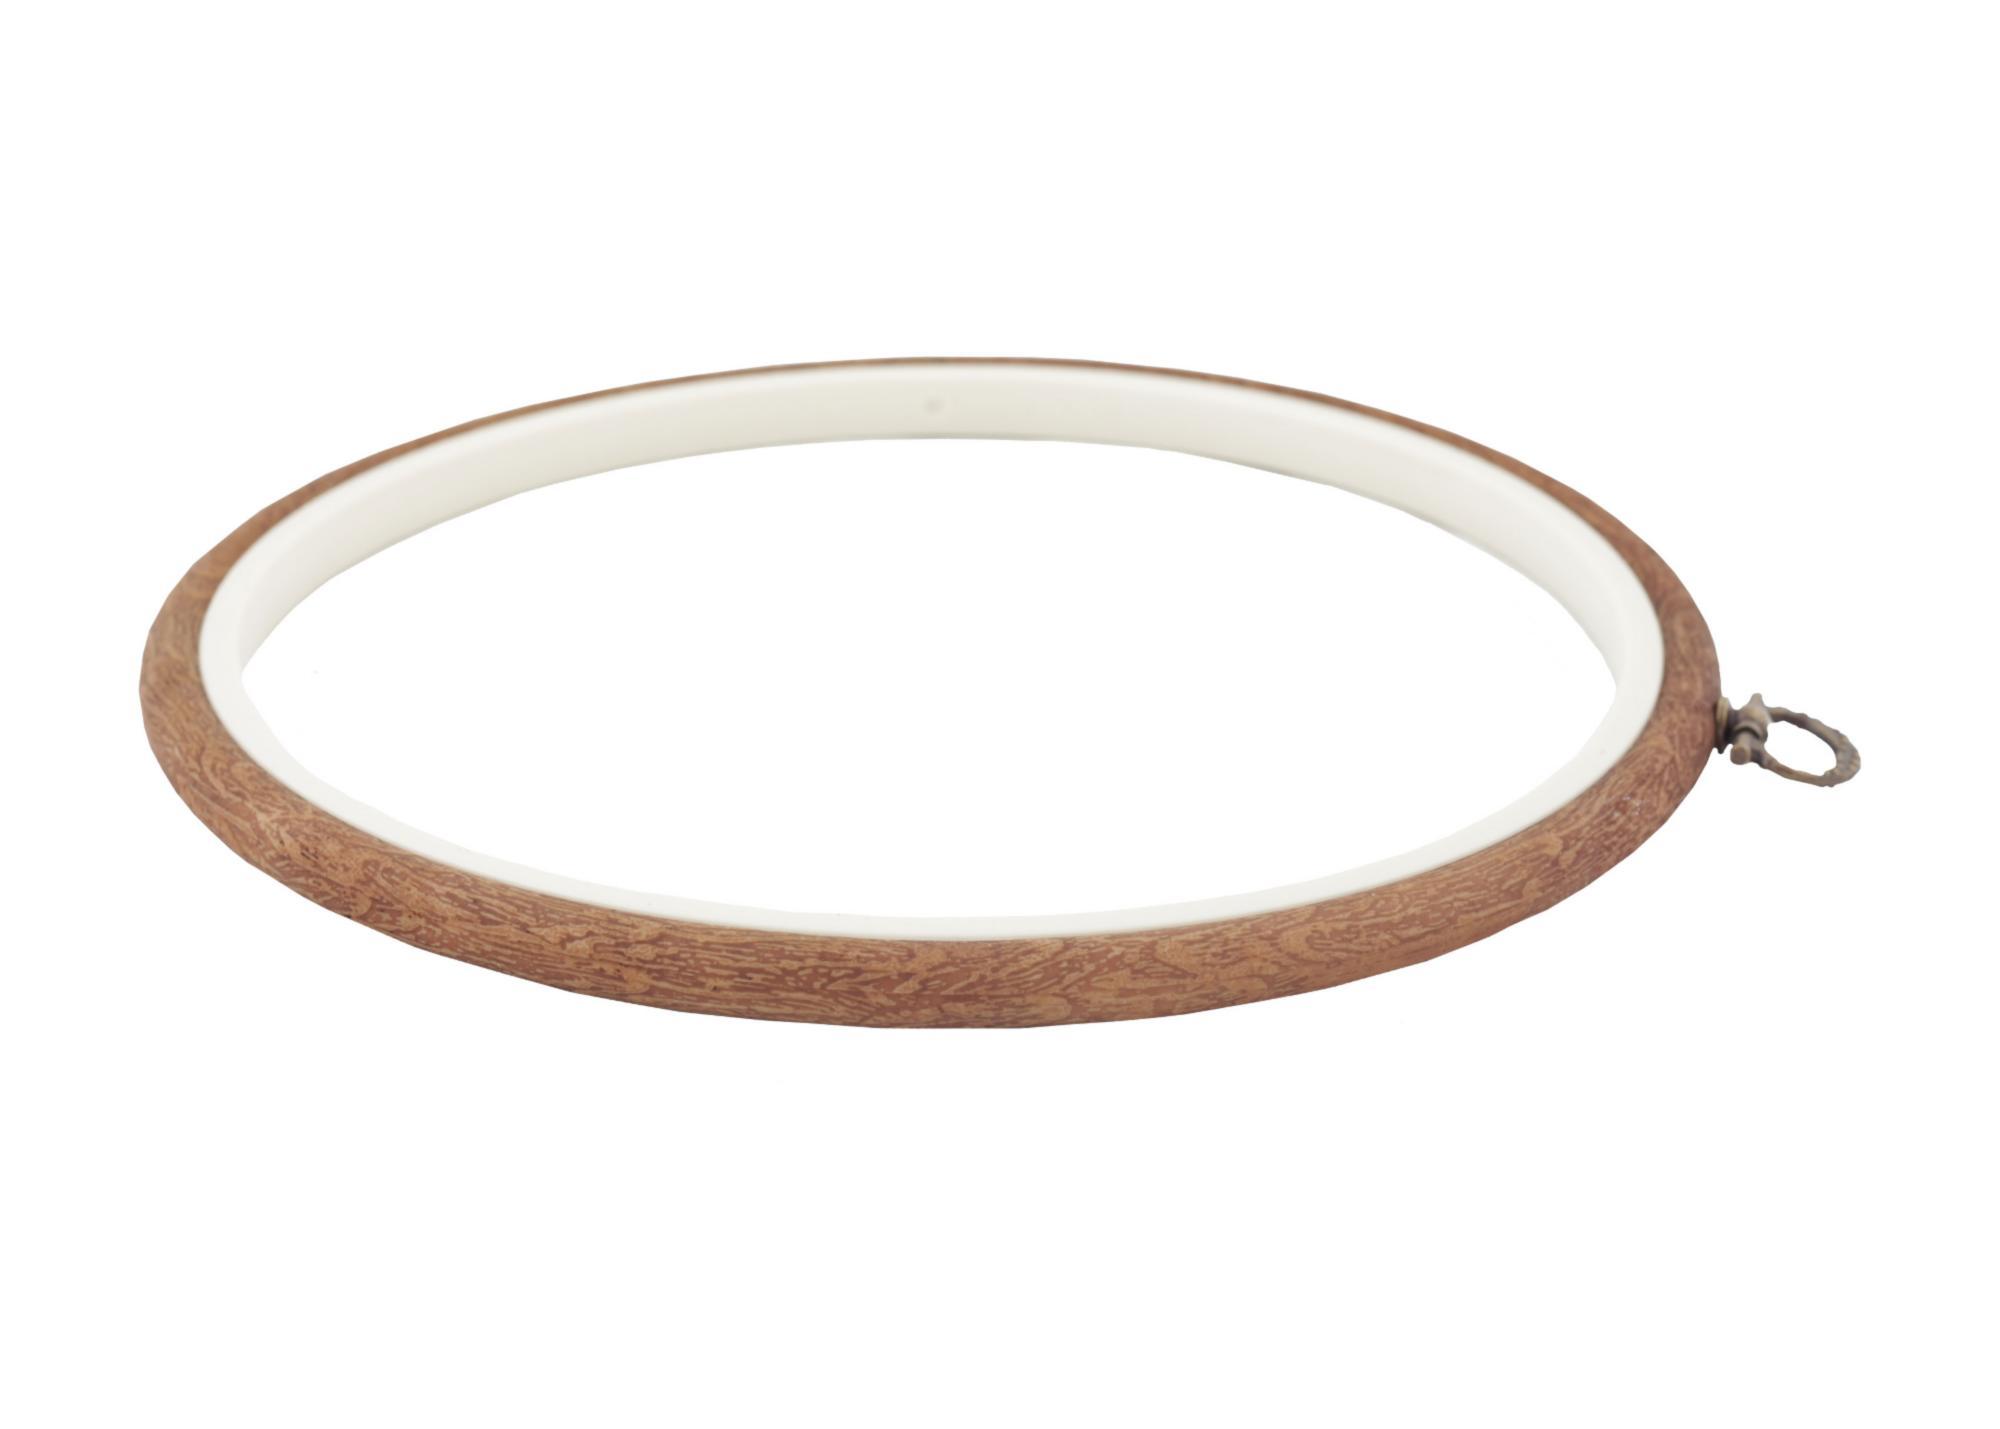 230-4 Пяльцы-рамка Nurge круглые каучуковые с подвесом, высота обода 8мм, диаметр 205мм